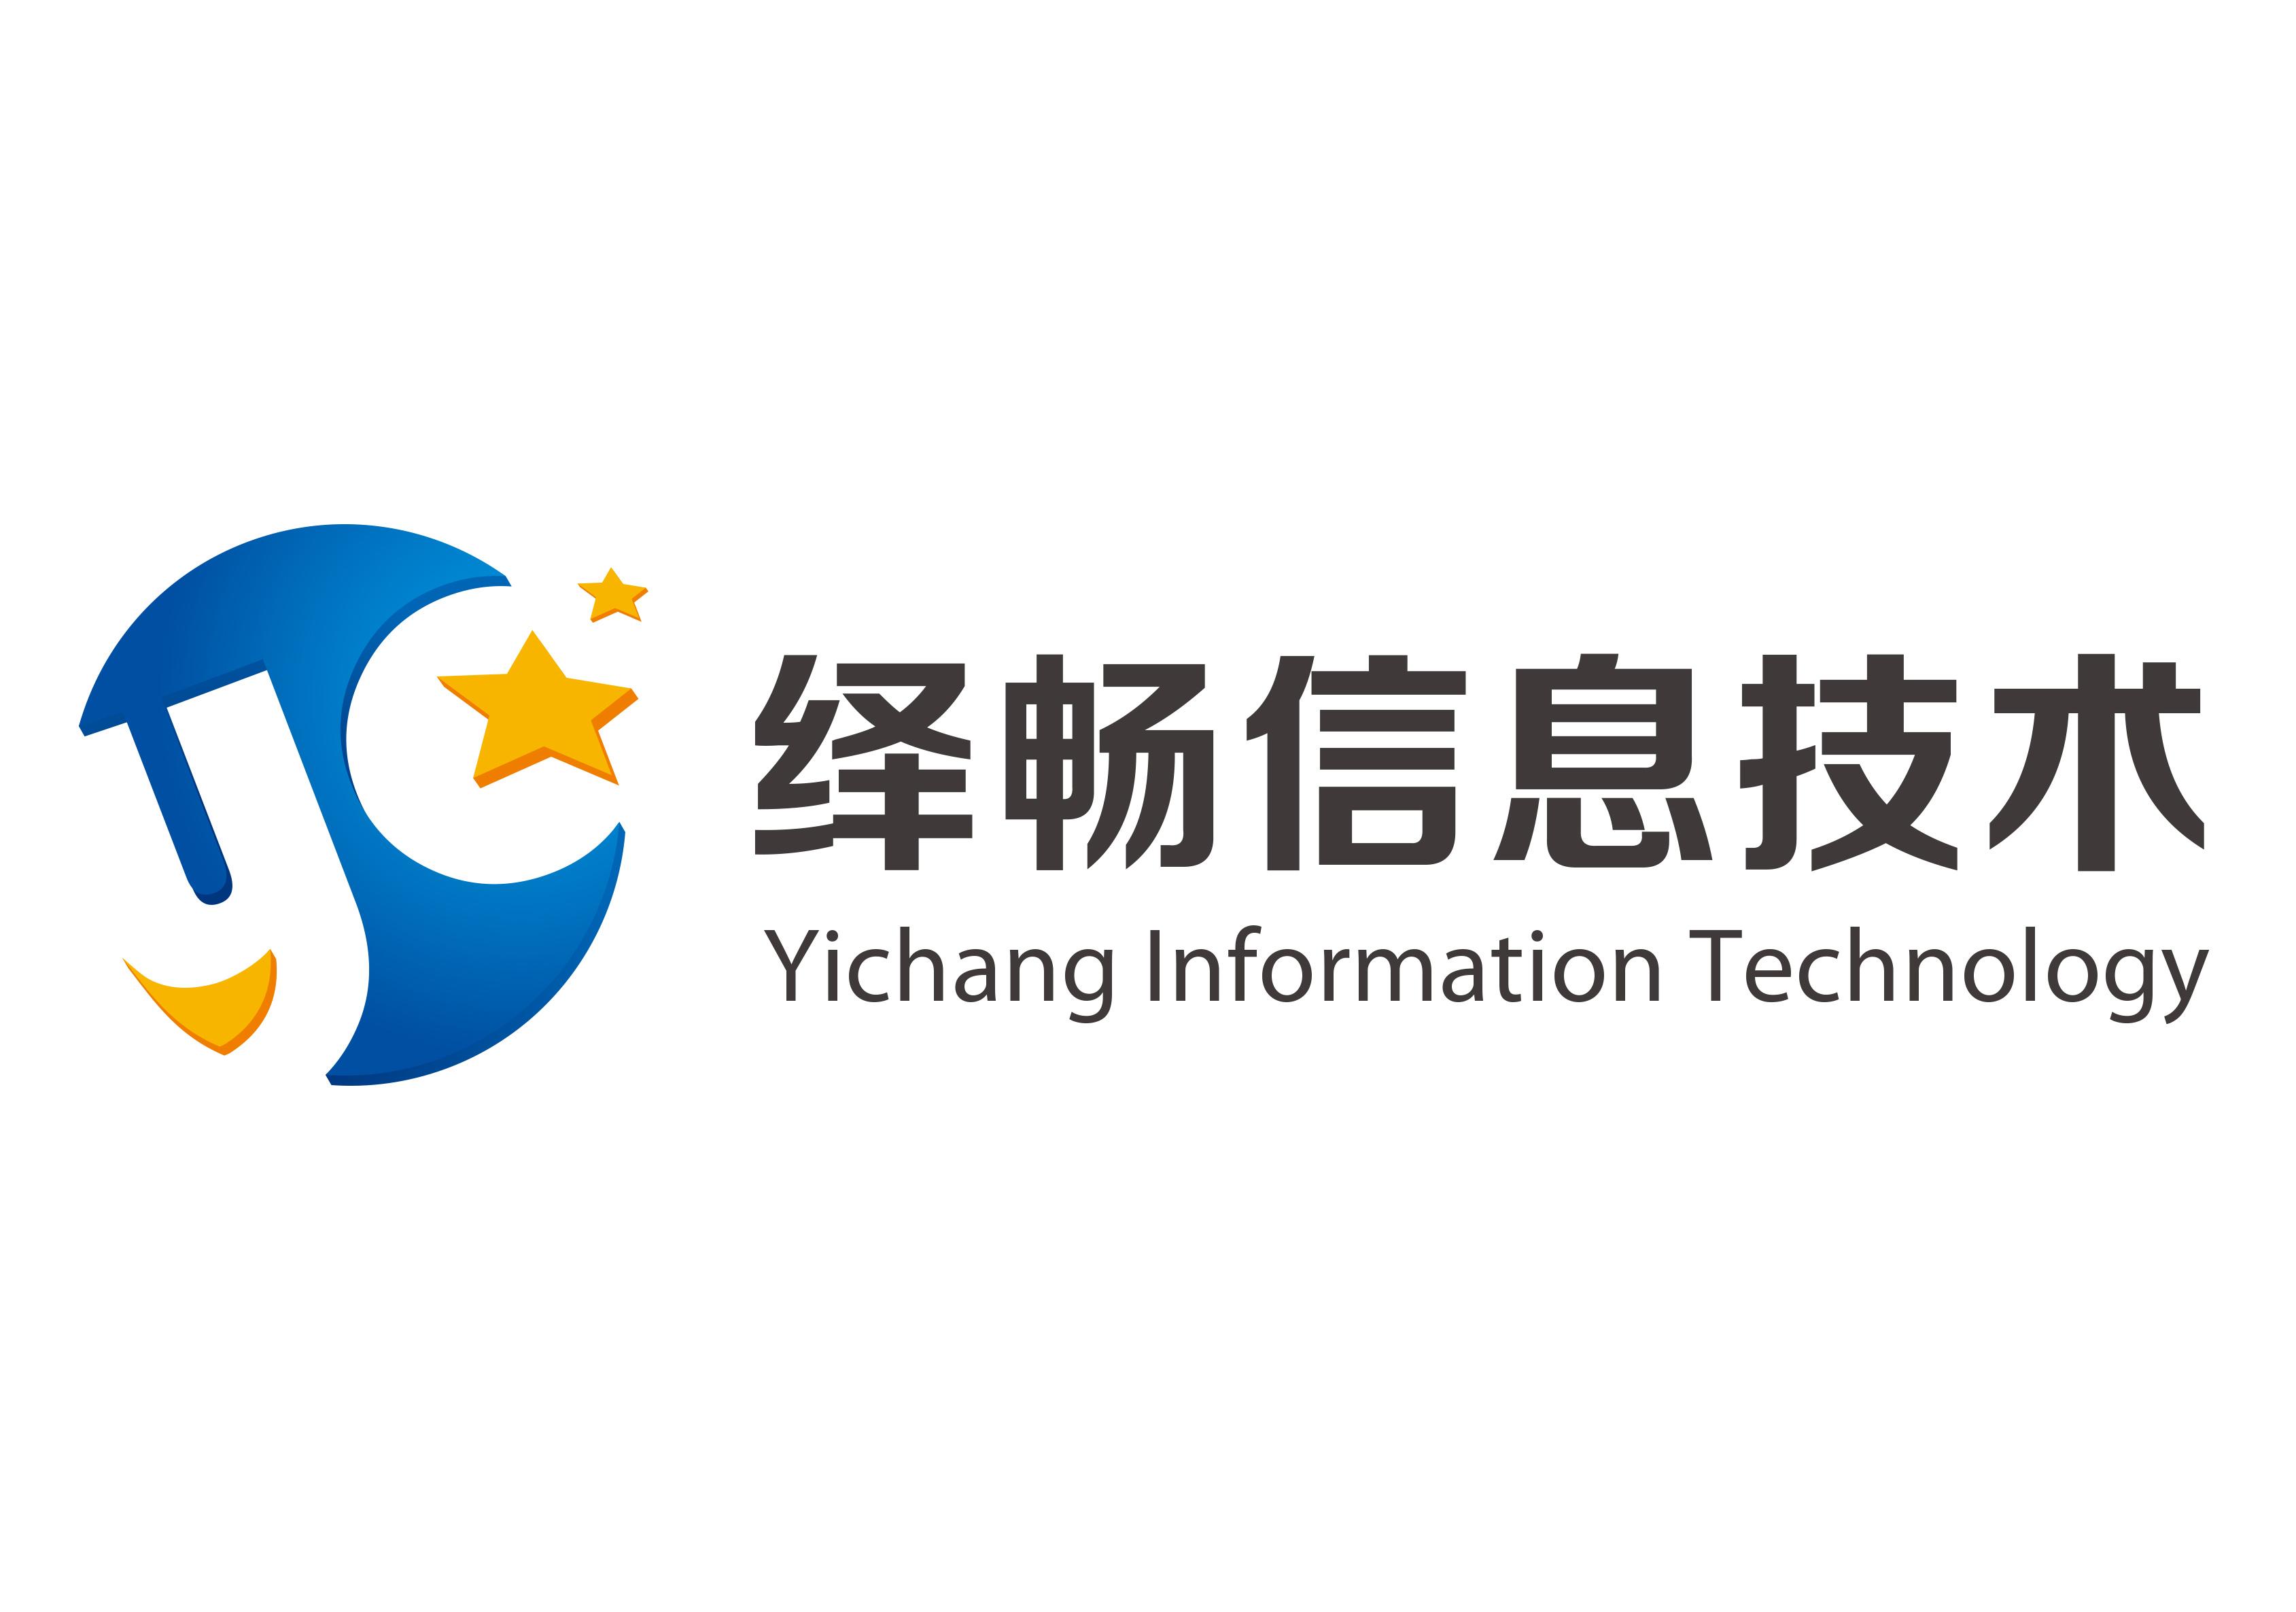 绎畅信息技术公司logo